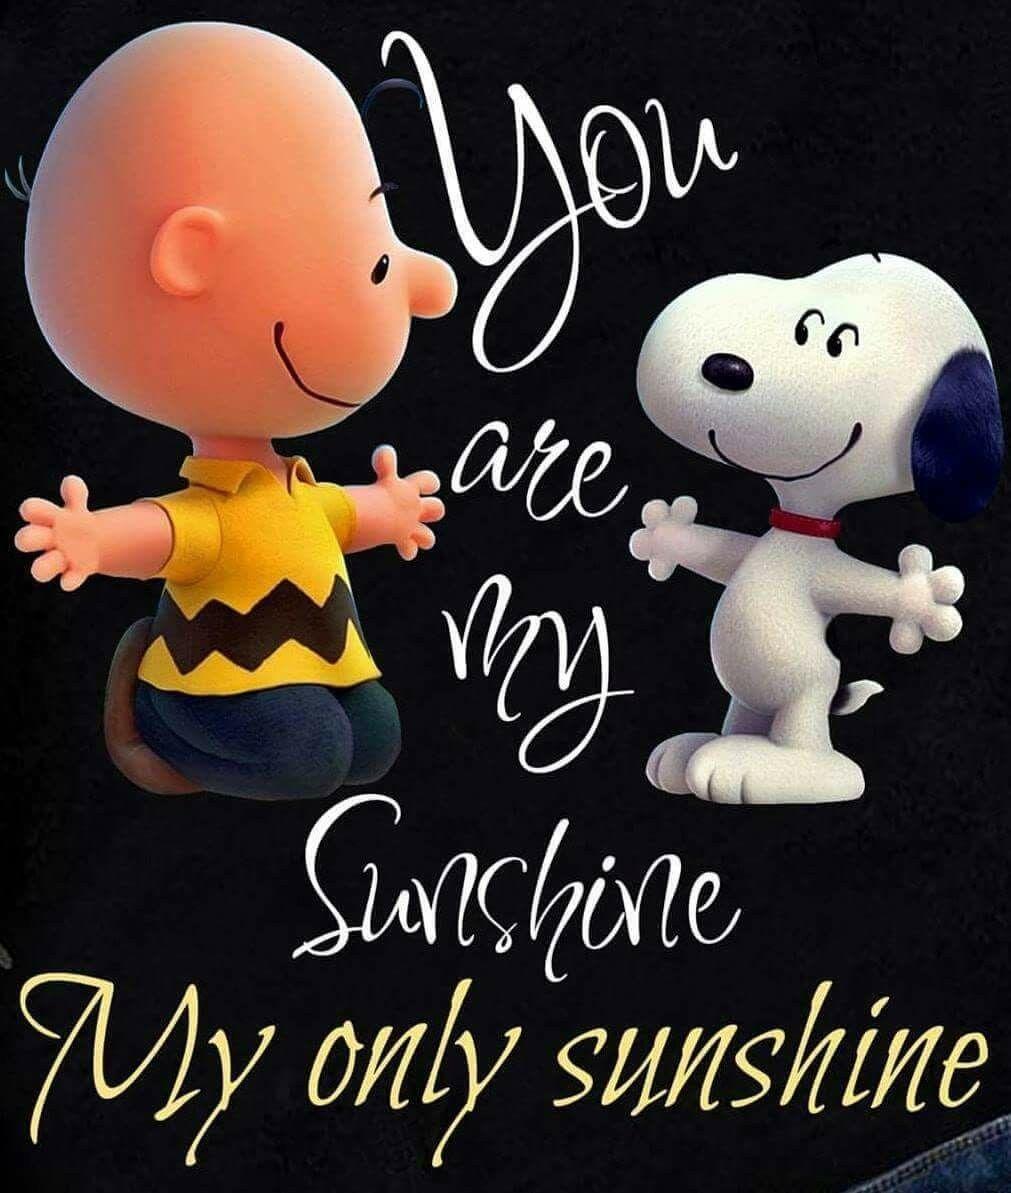 Snoopy Love, Snoopy Funny, Charlie